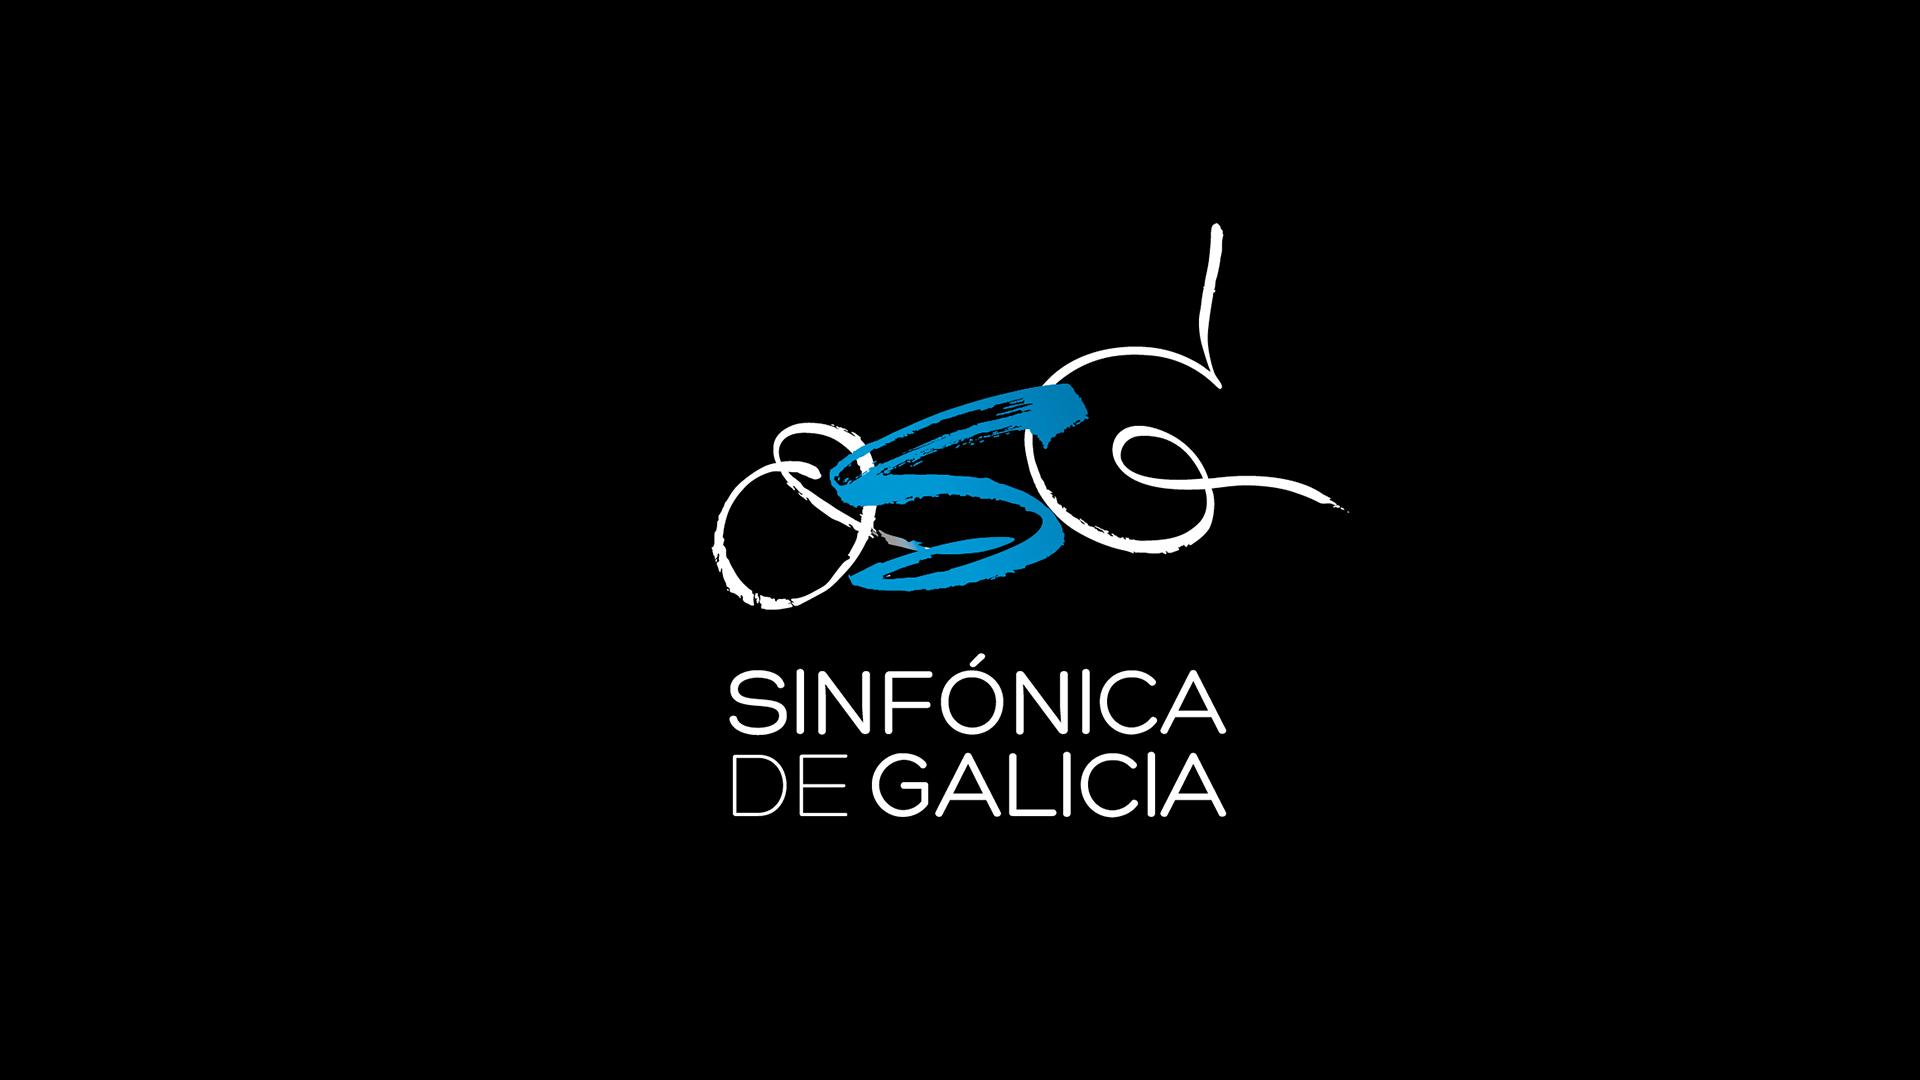 La Orquesta Sinfónica de Galicia hace público el listado provisional de admitidos en sus audiciones de Trompa